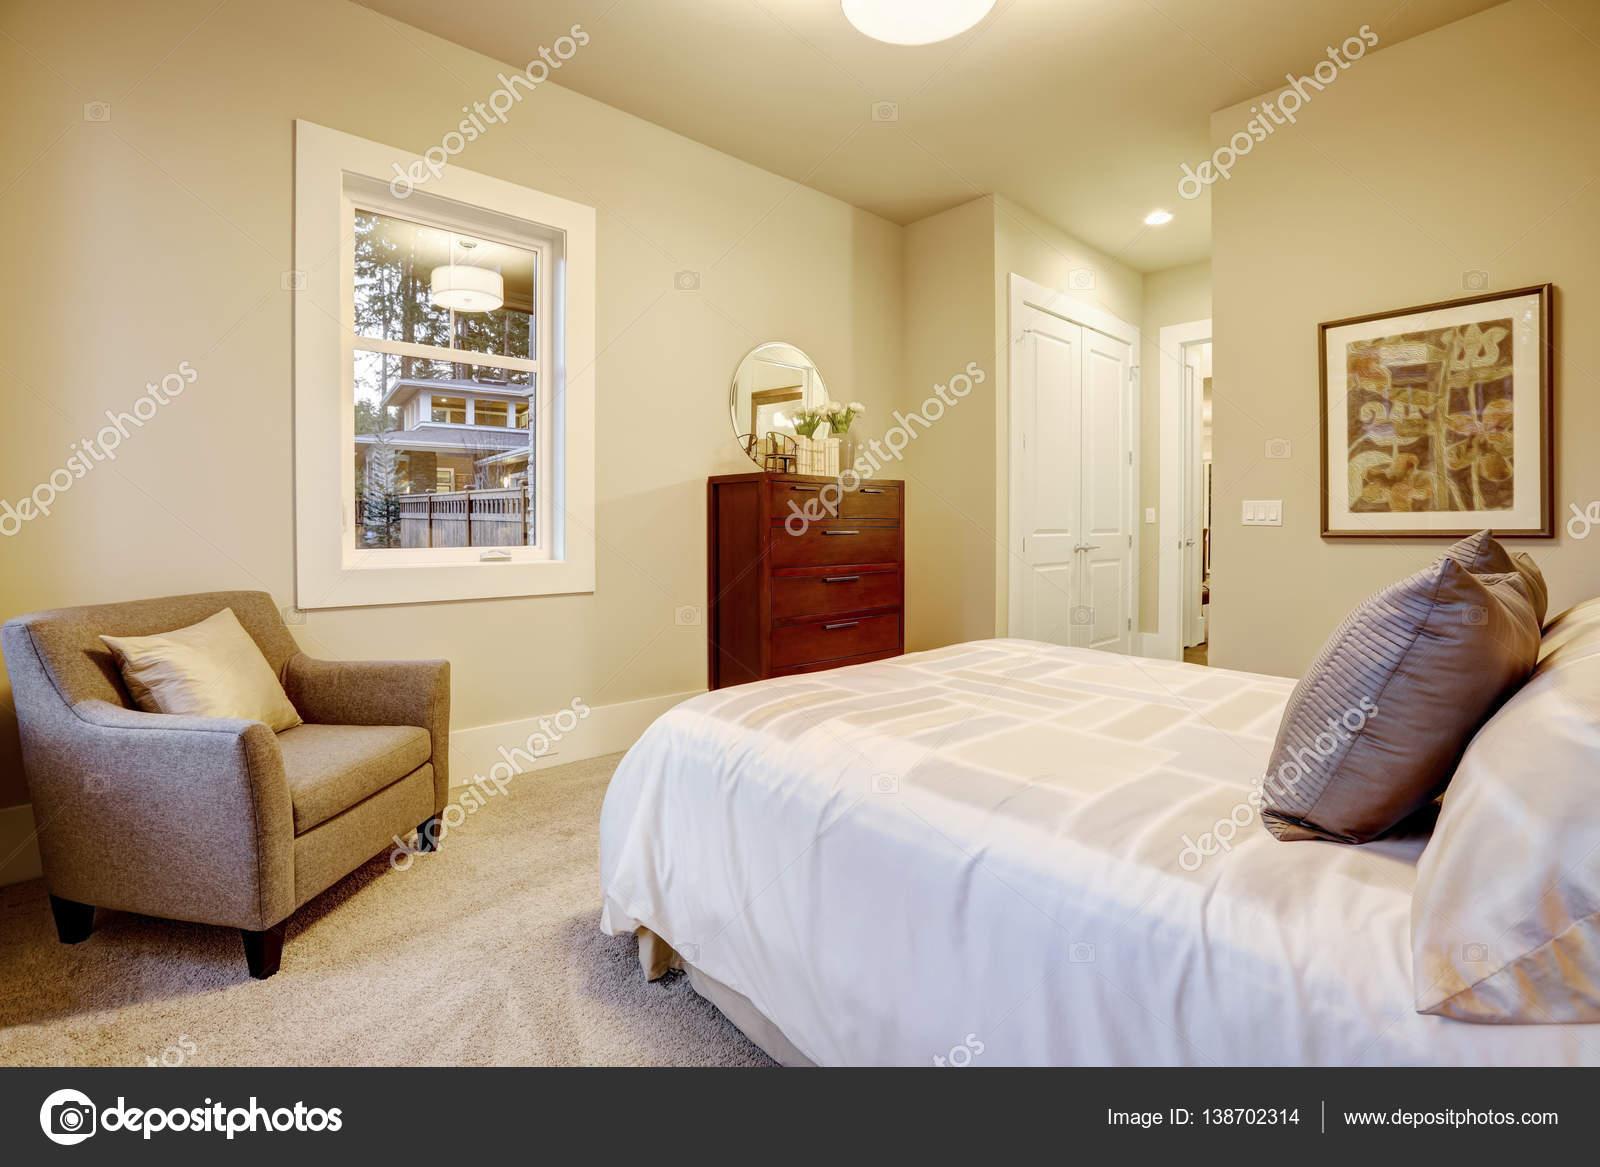 Natürliche Farben Schlafzimmer Innenraum Mit Queensize Bett U2014 Stockfoto